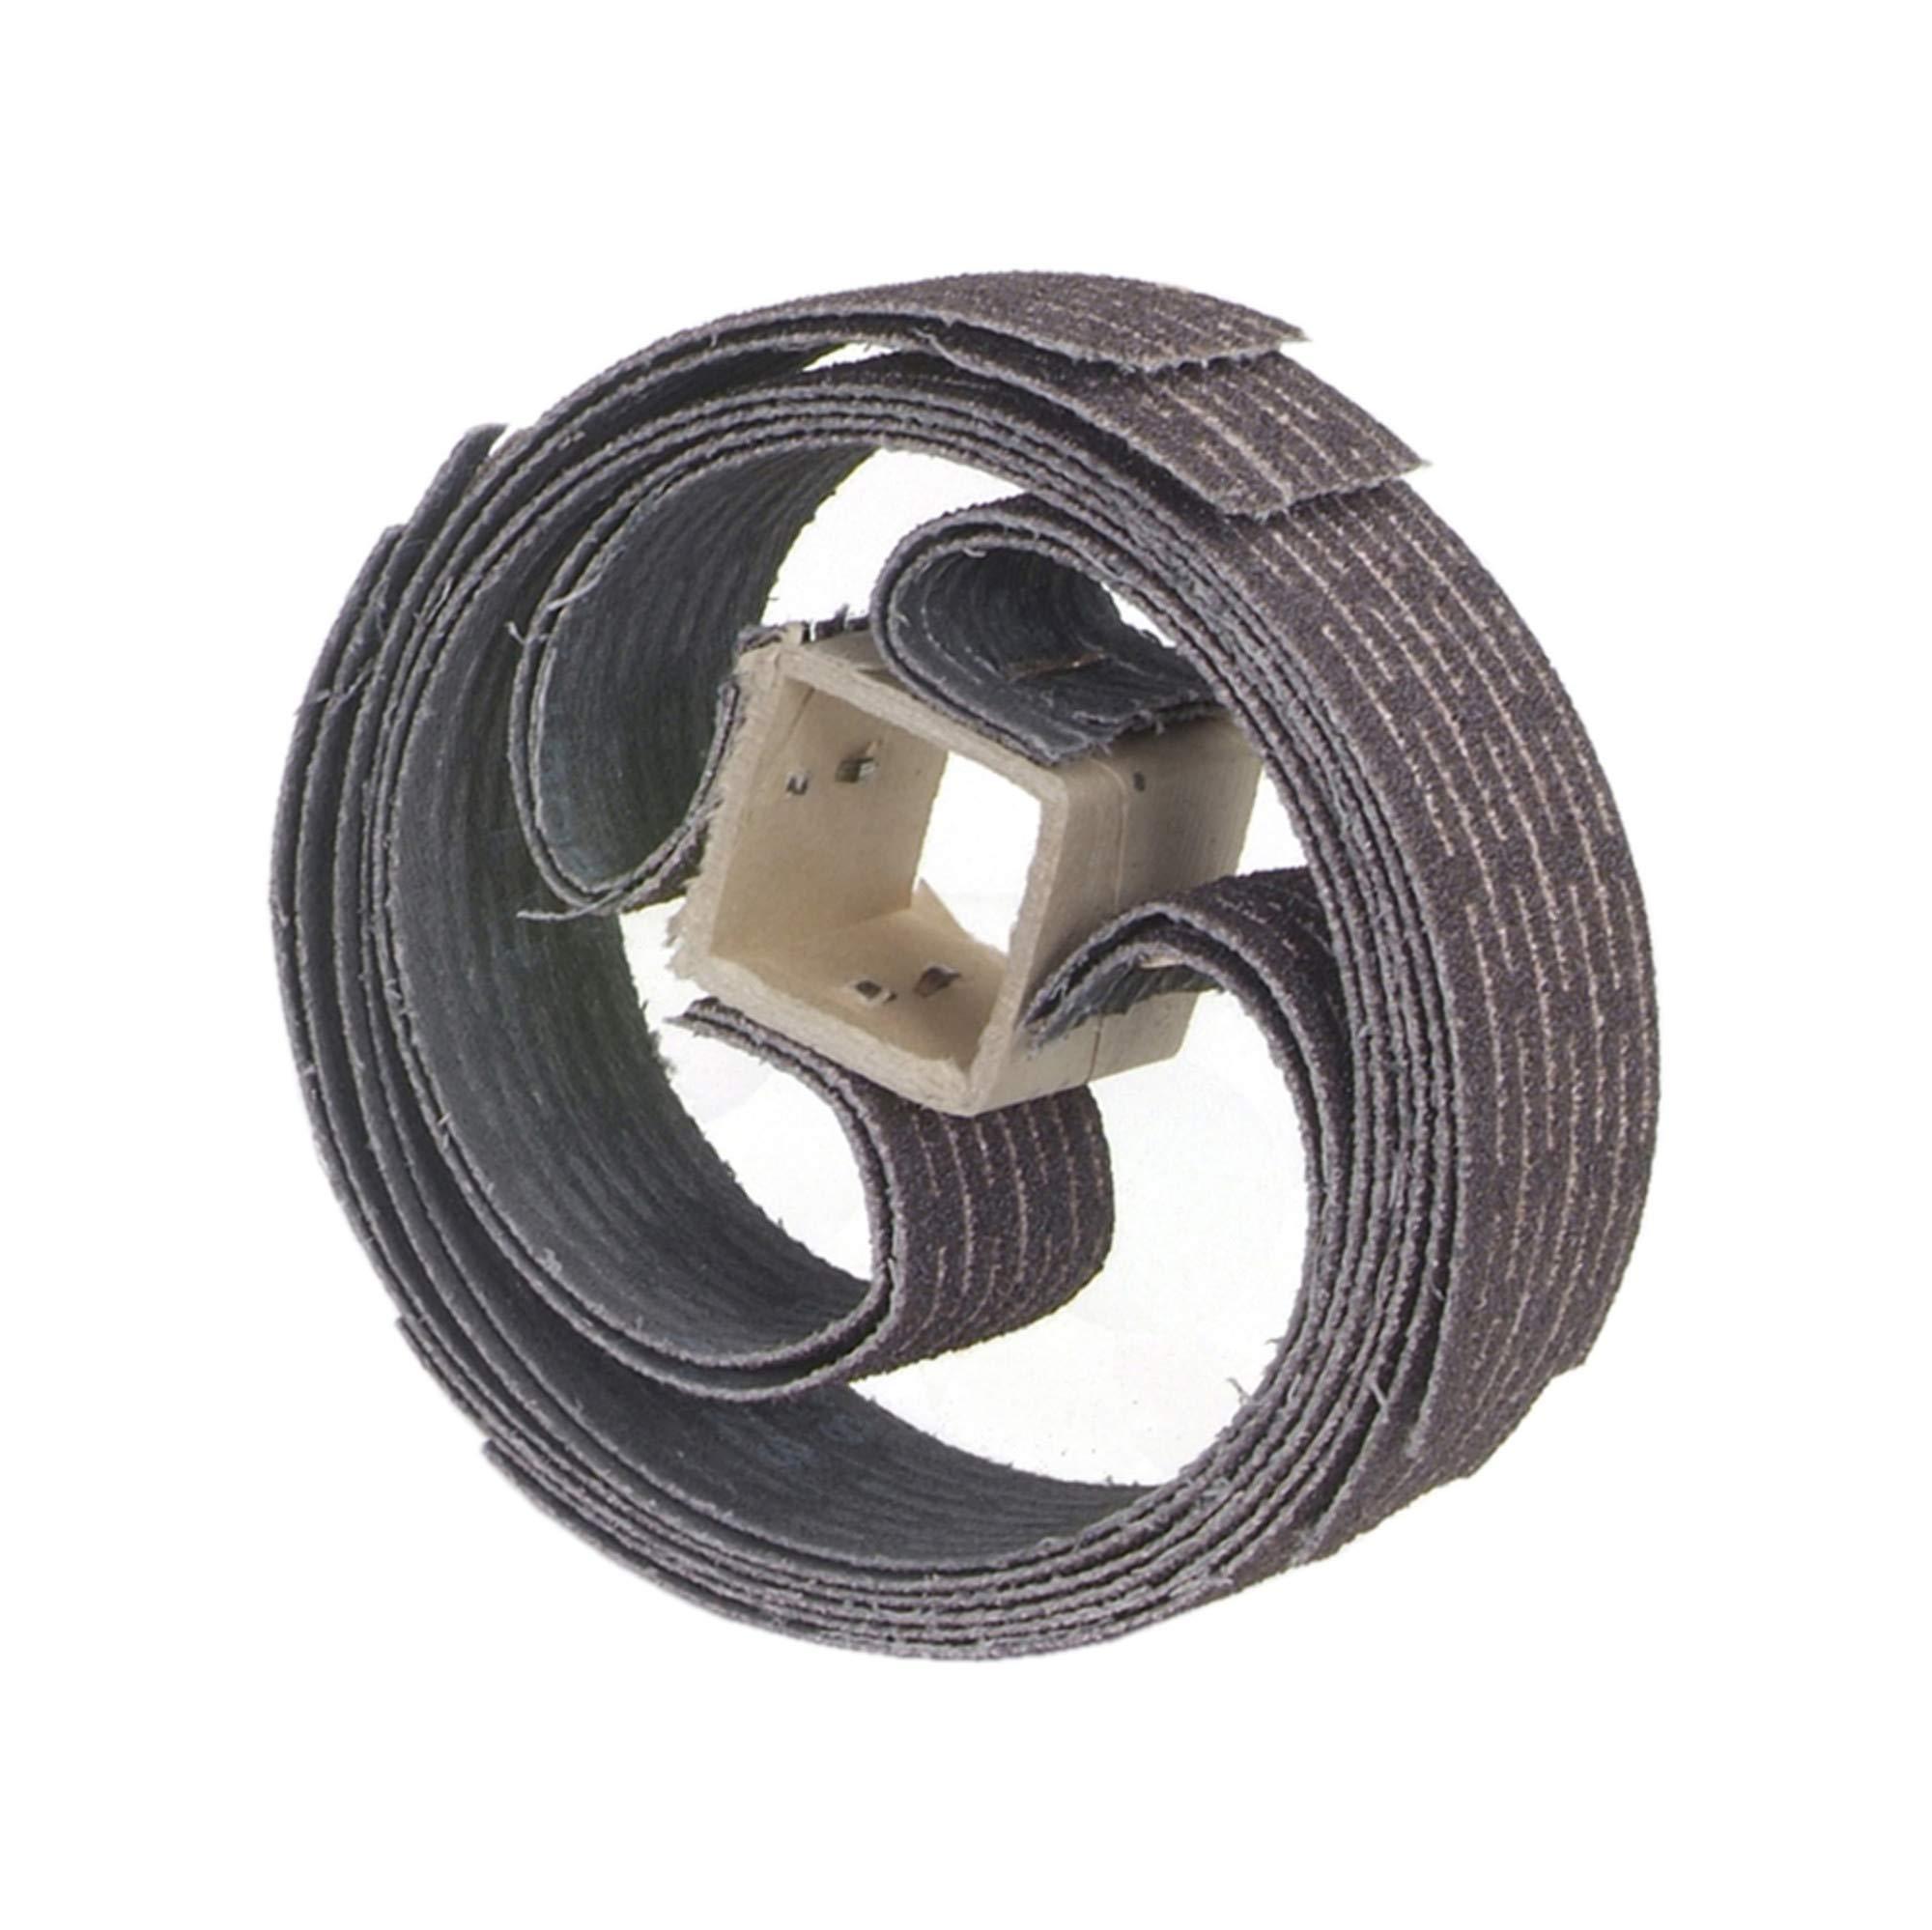 Merit Resin Bond Refill for 350-RP SCORED Wheel, Aluminum Oxide, Grit 120 (Pack of 10)